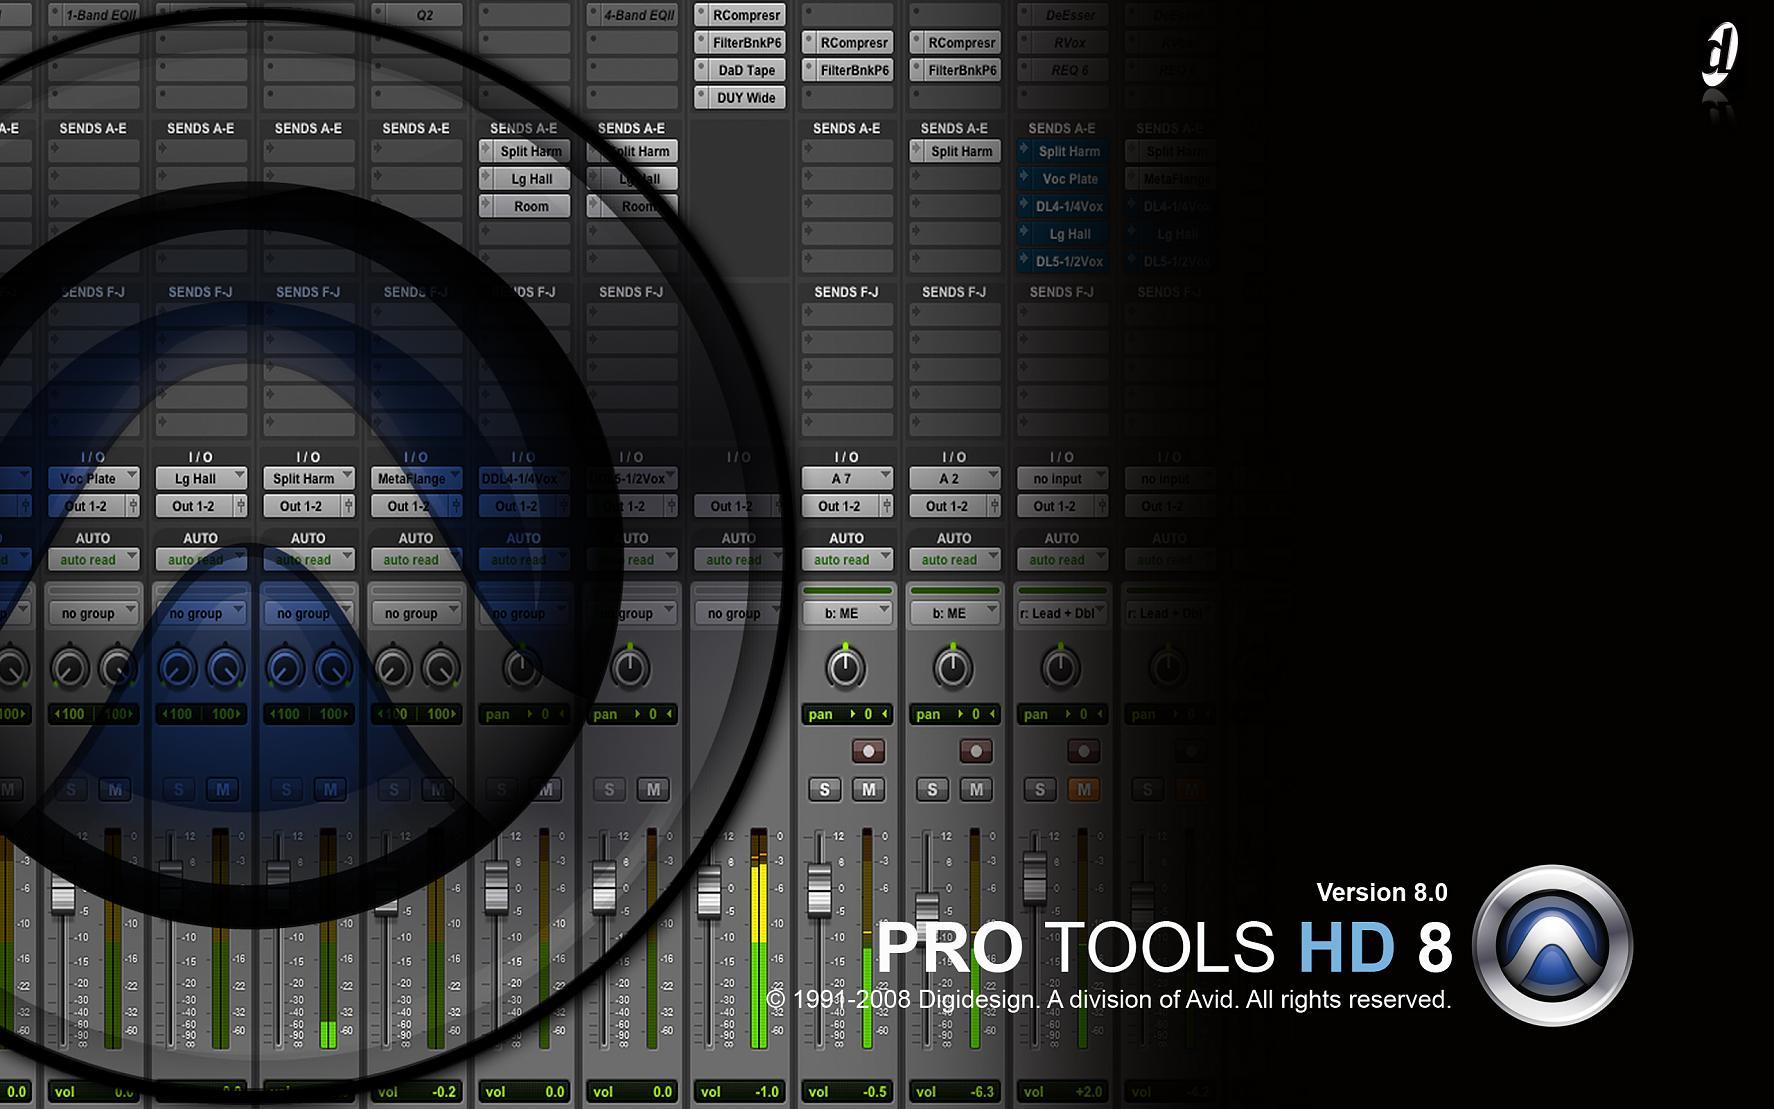 Pro Tools 8 Wallpaper-hd-hi-res.jpg ...